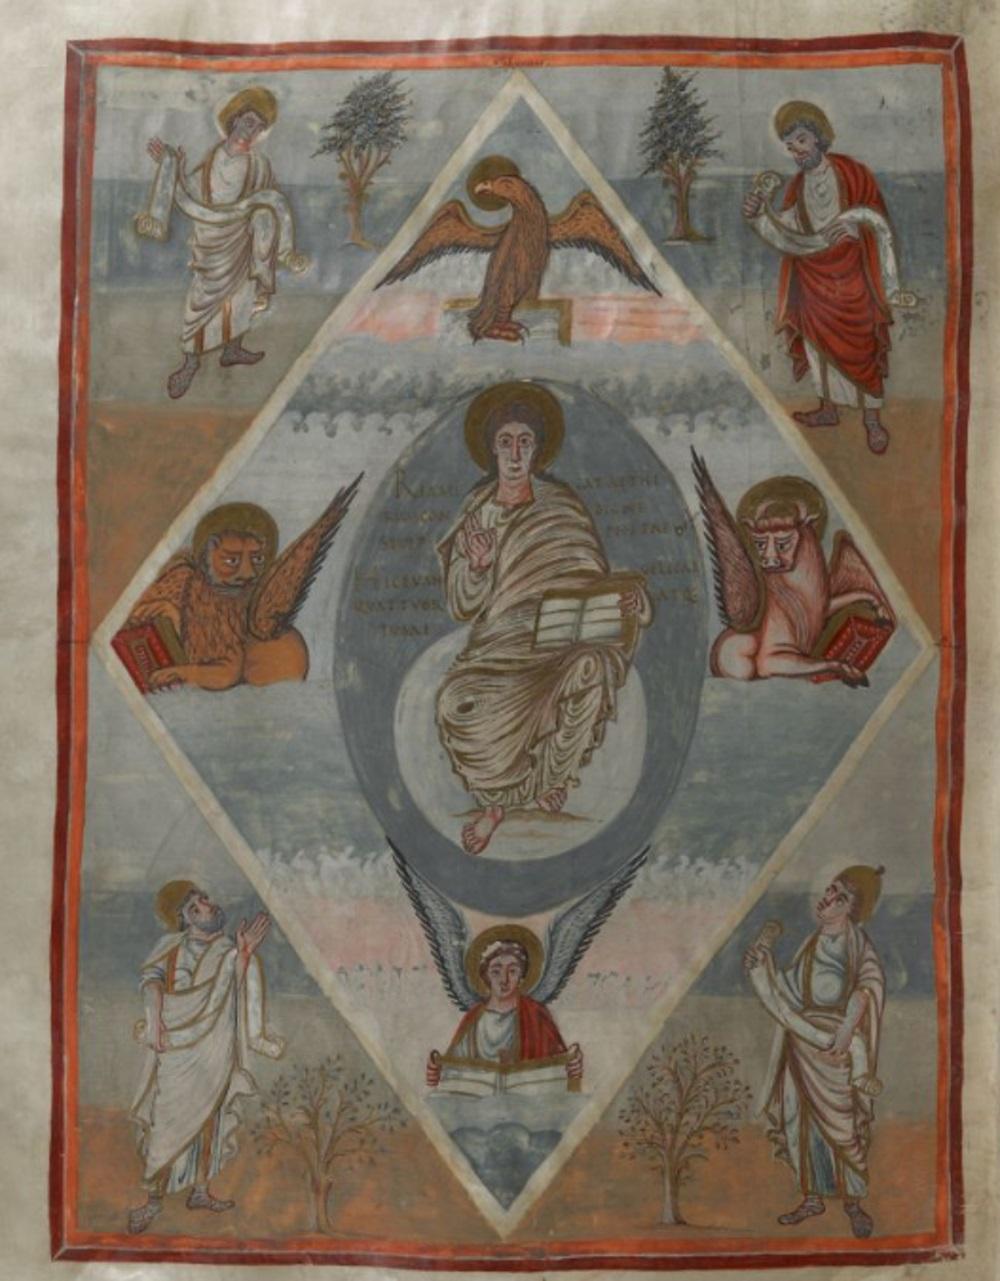 Bible de Moutier-Grandval. Londres-British Museum, Ms. Add. 10546, f 352v